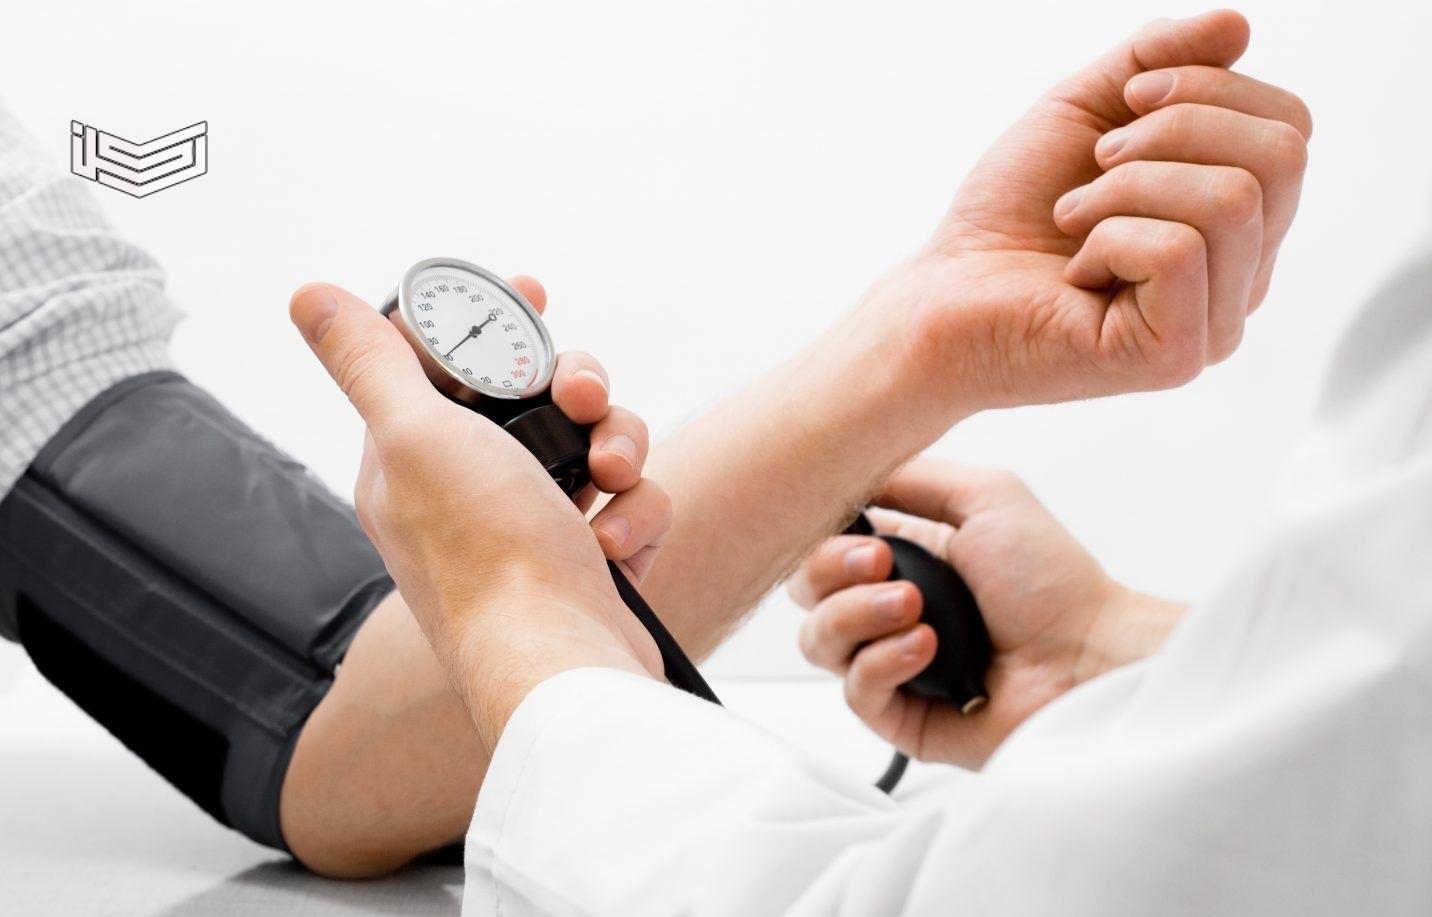 بلوكيوم Blokium أقوى علاج ارتفاع ضغط الدم